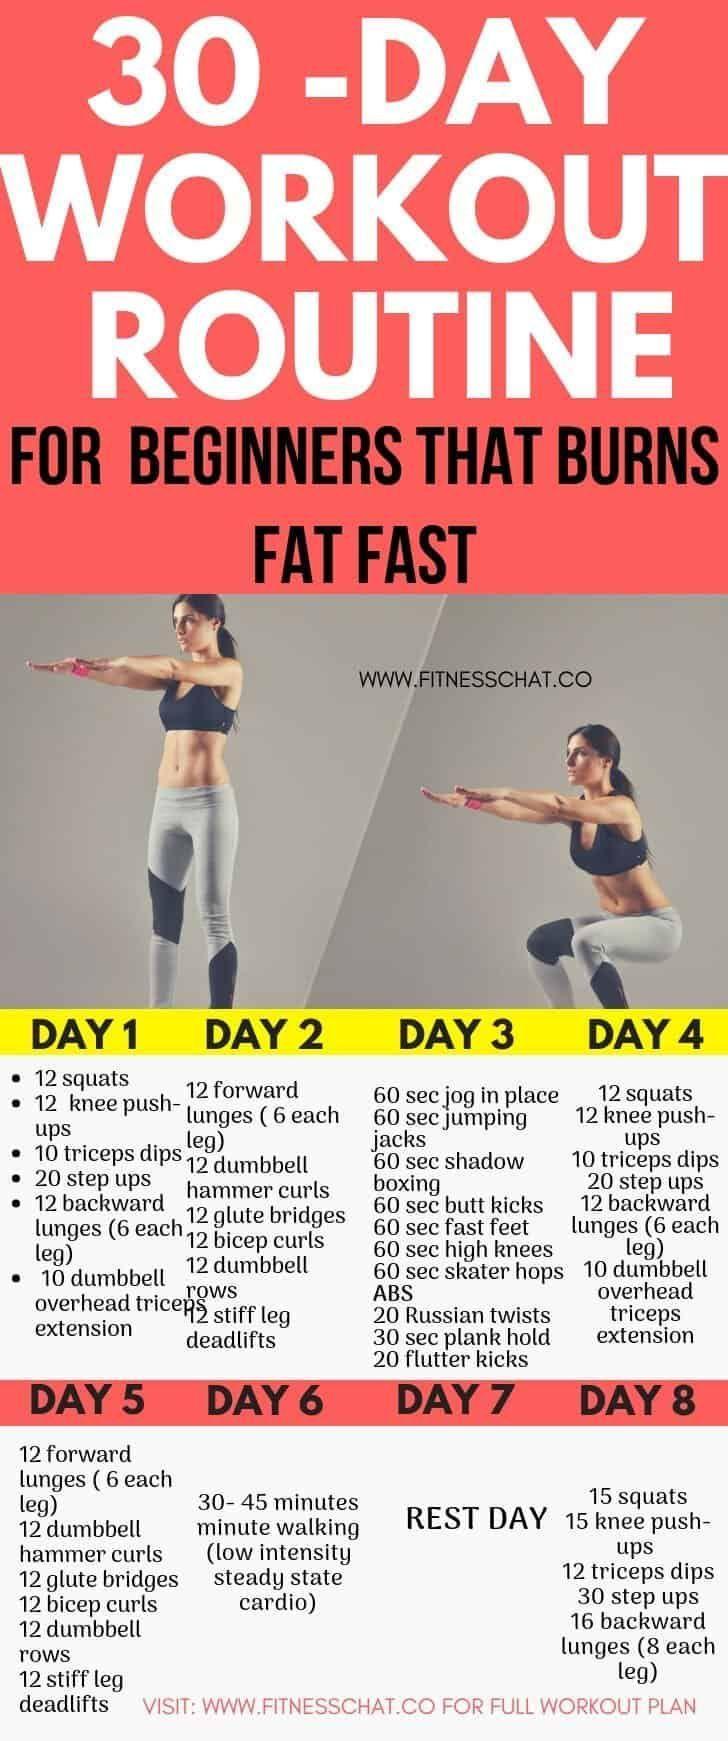 Verlieren Sie schnell an Gewicht mit diesem 30-tägigen Fettverbrennungsprogramm...